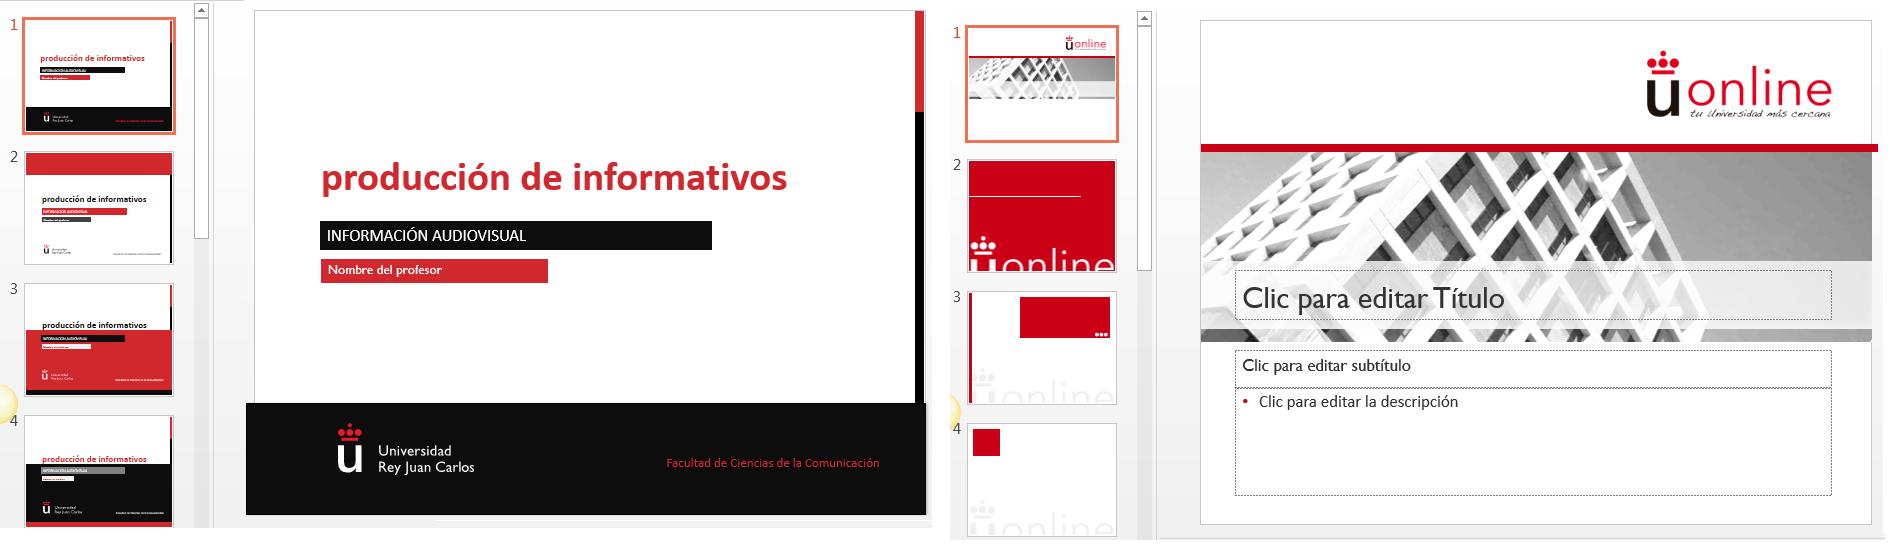 plantillas-1495130375-63.png